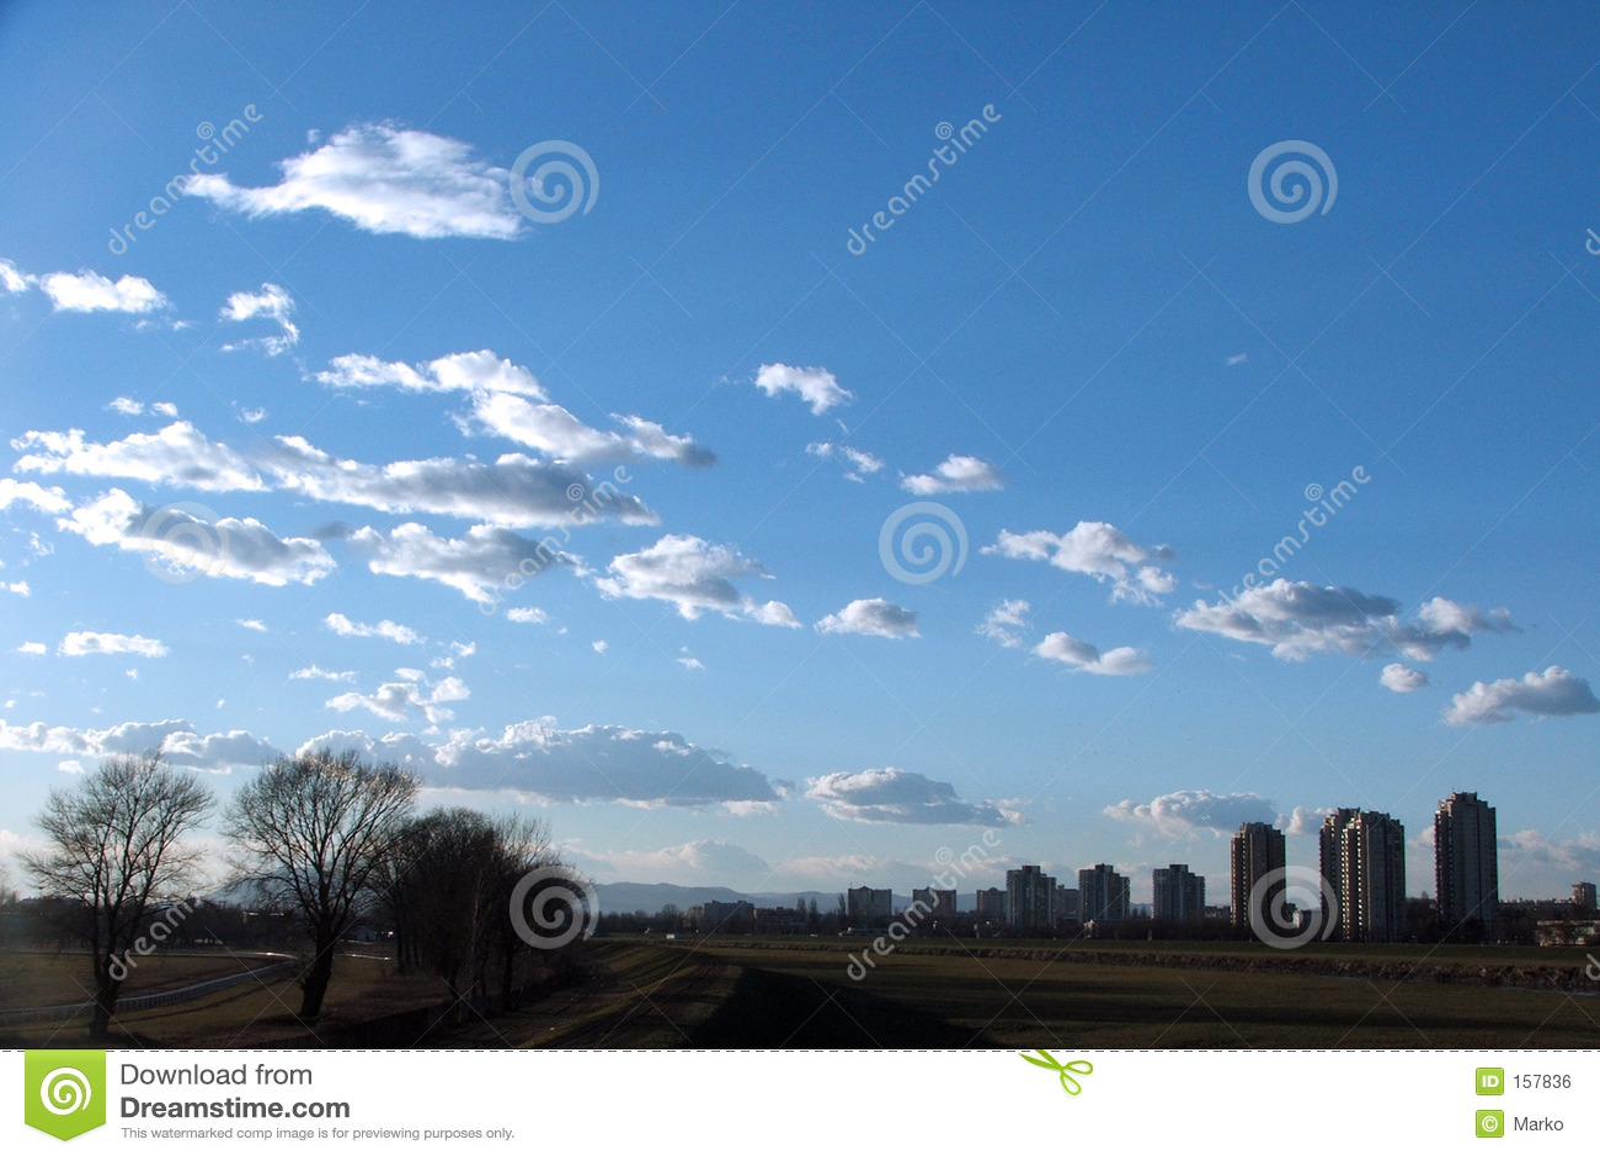 Sky in Zagreb